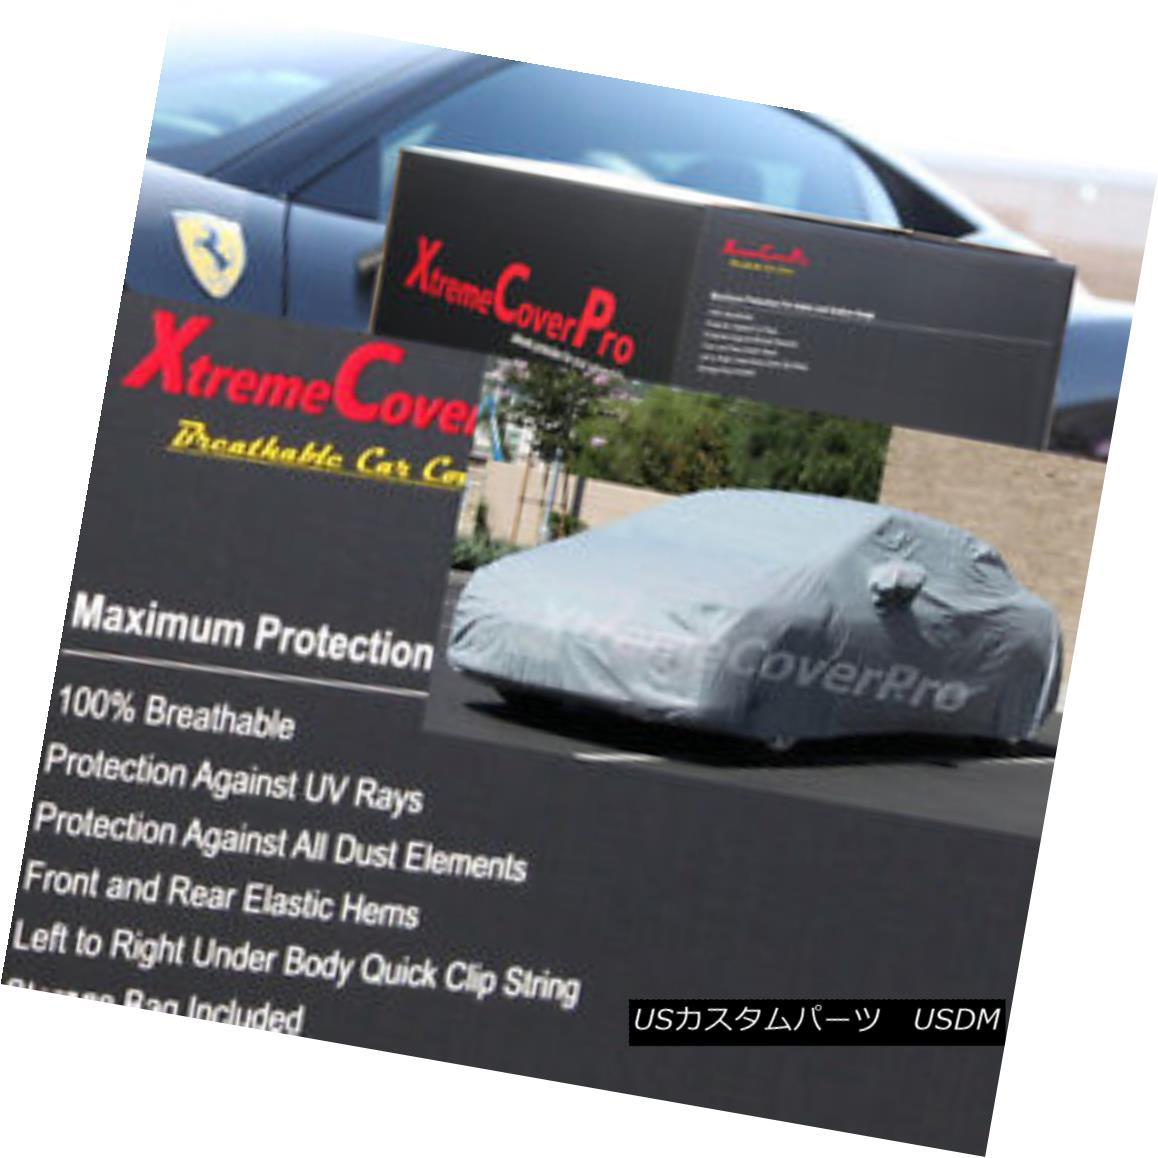 カーカバー 2014 Ford MUSTANG Shelby GT500 Coupe Breathable Car Cover w/ Mirror Pocket 2014フォードMUSTANG Shelby GT500クーペ通気性車カバー/ミラーポケット付き